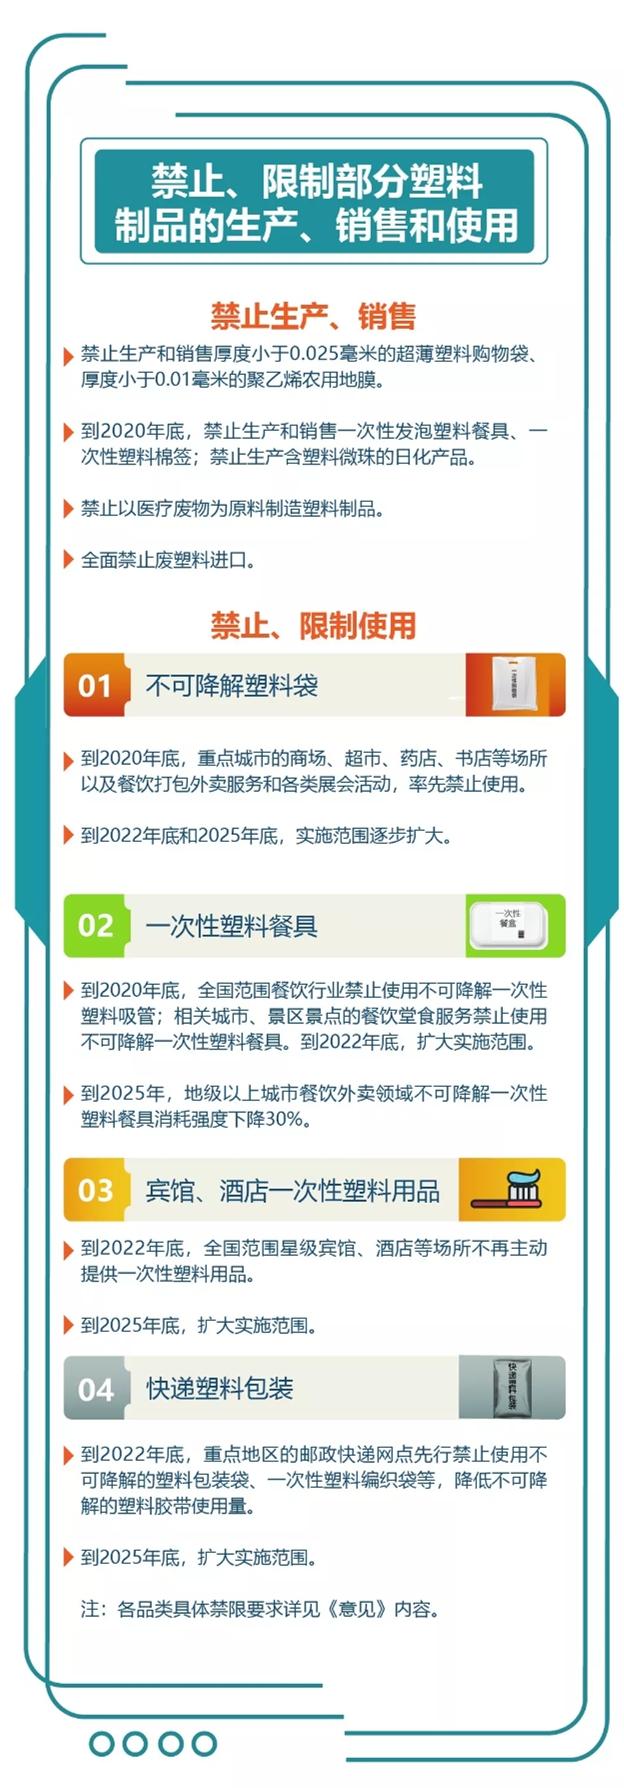 禁止和限制部分塑料制品生產銷售和使用.jpg